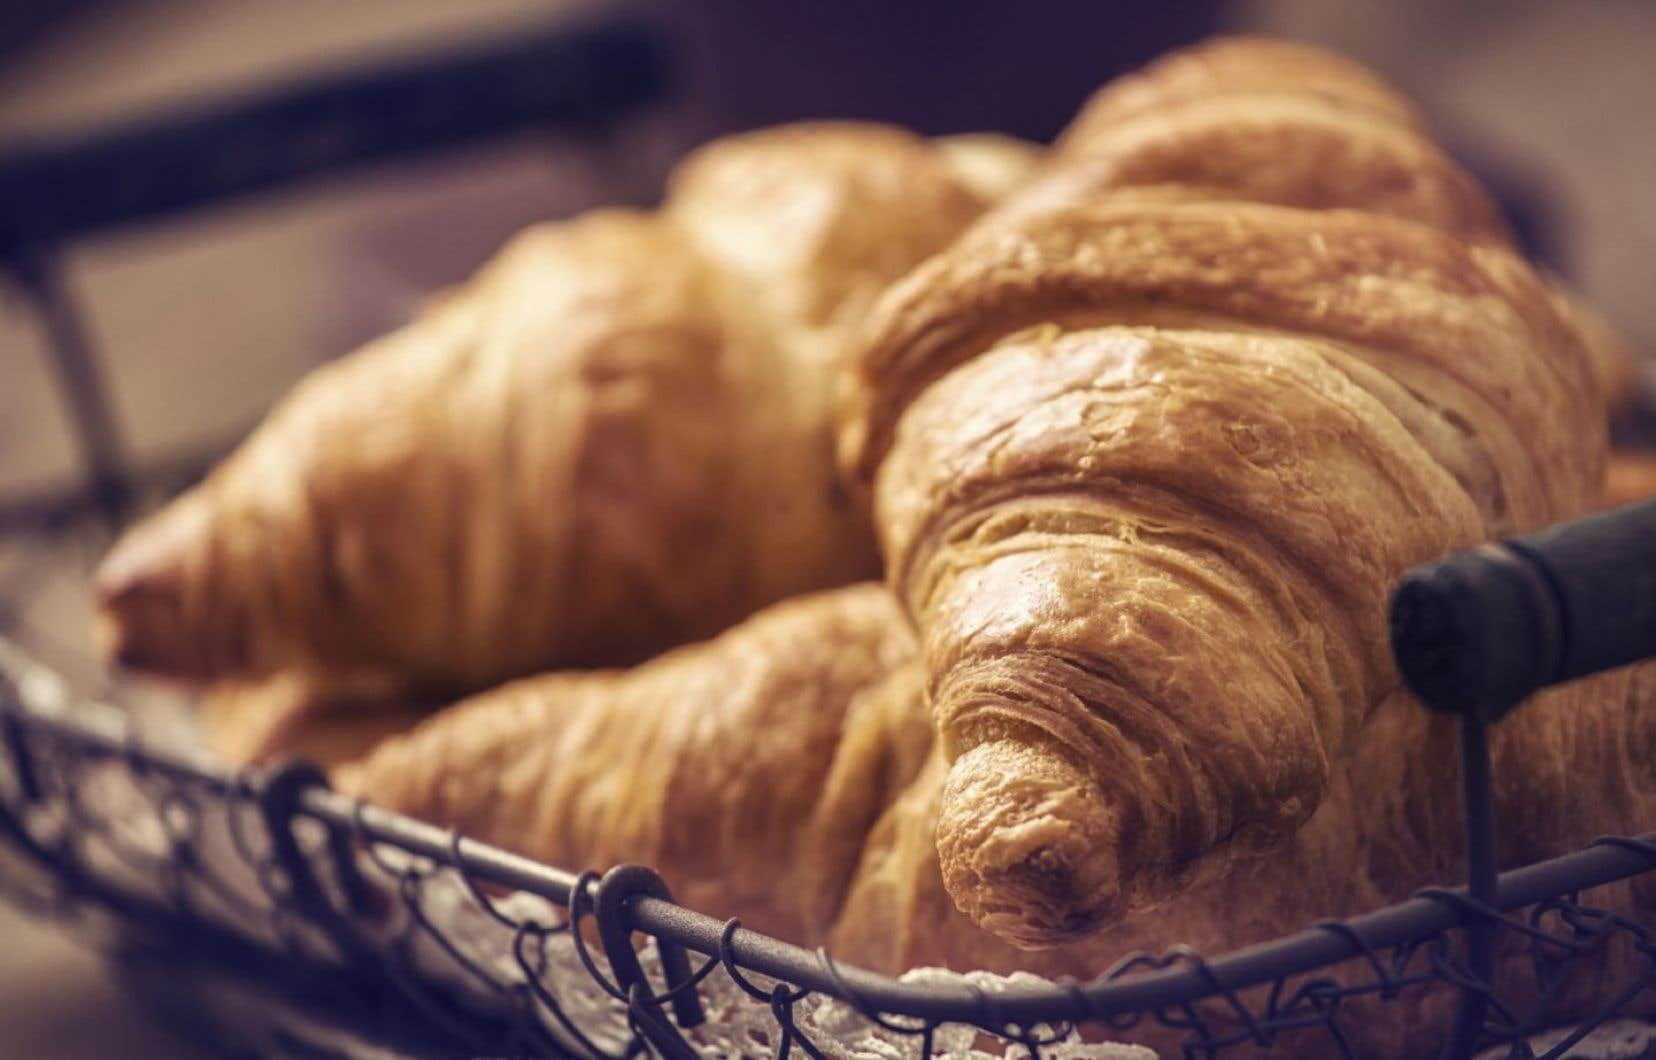 Le croissant est la viennoiserie la plus populaire mondialement.